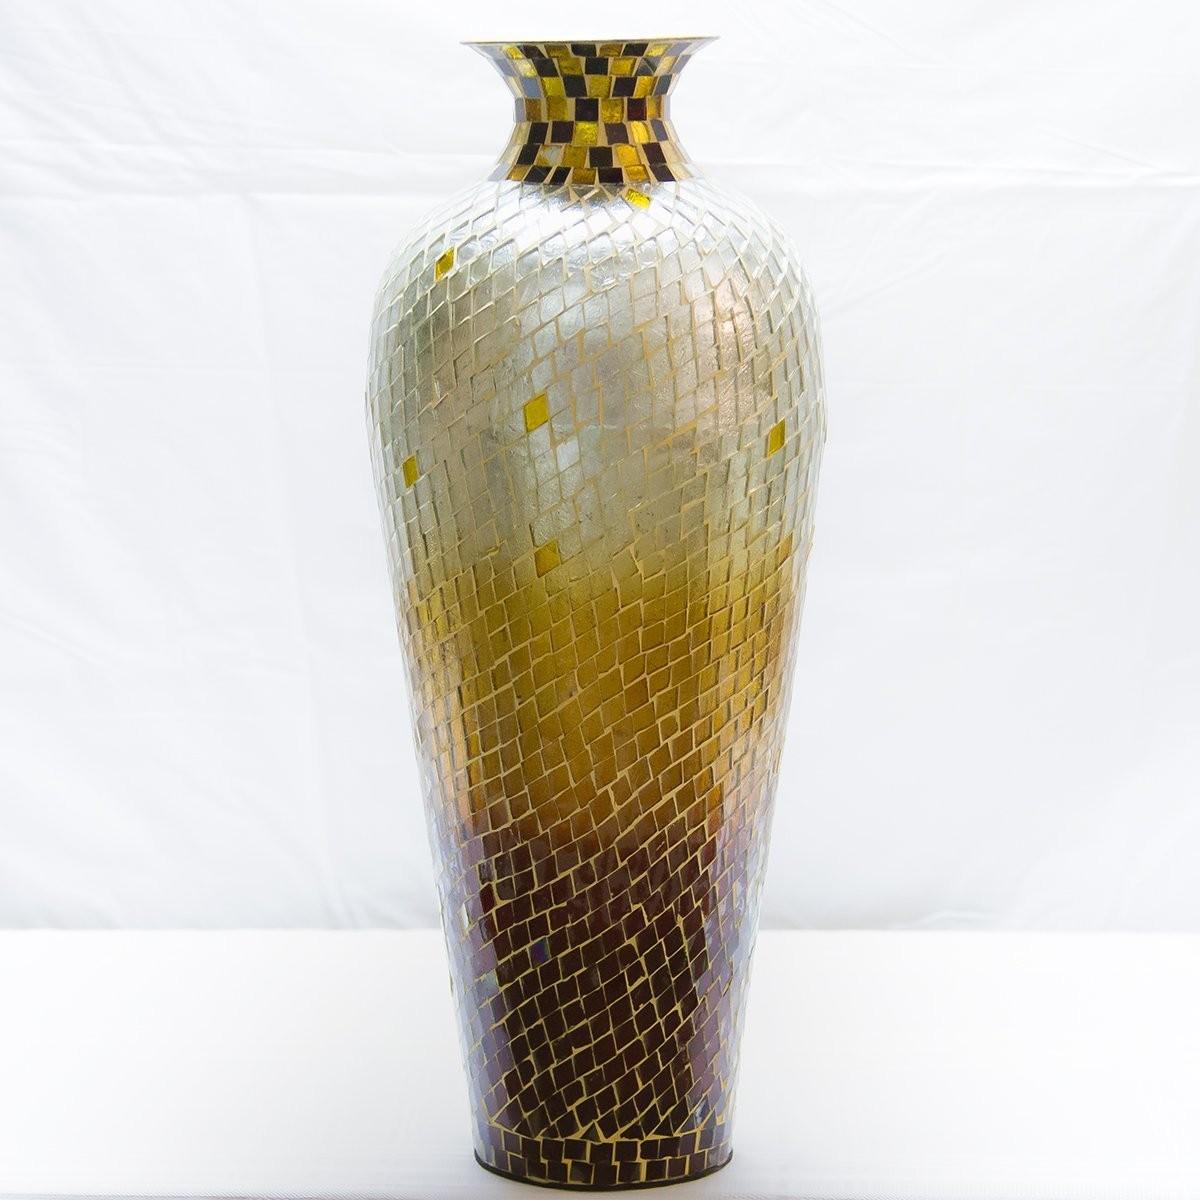 Shop metal floor vase pedestal vase mosaic accent vase decorshore decorshore 20 amphora nouveau vase metal floor vase with decorative glass mosaic overlay reviewsmspy